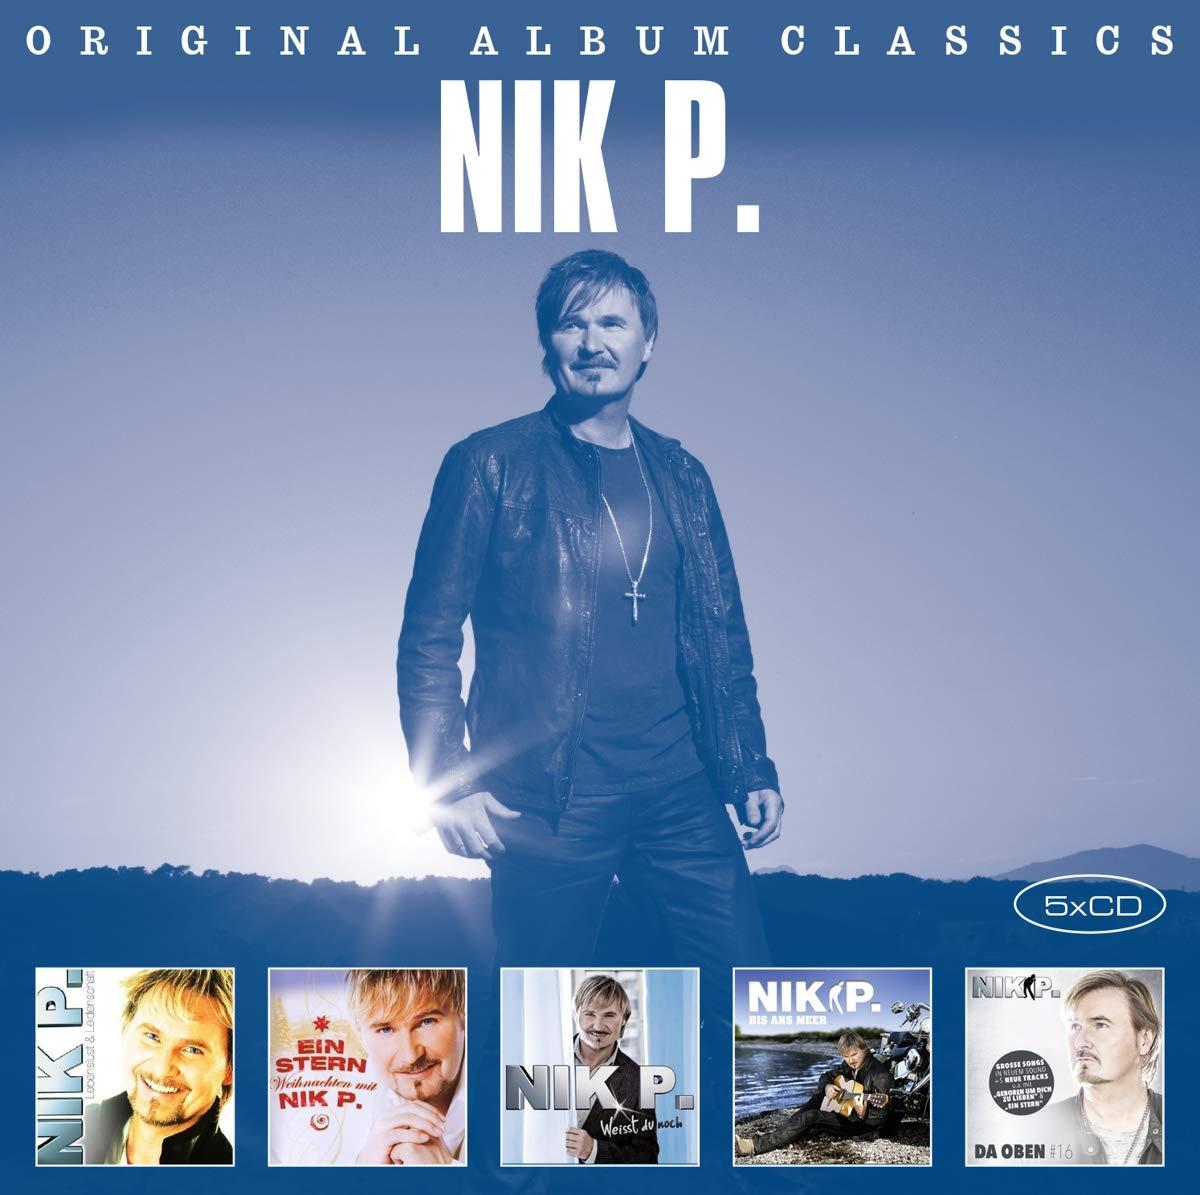 greca Declino Nostro  Nik P. - Original Album Classics-Nik P. - Amazon.com Music